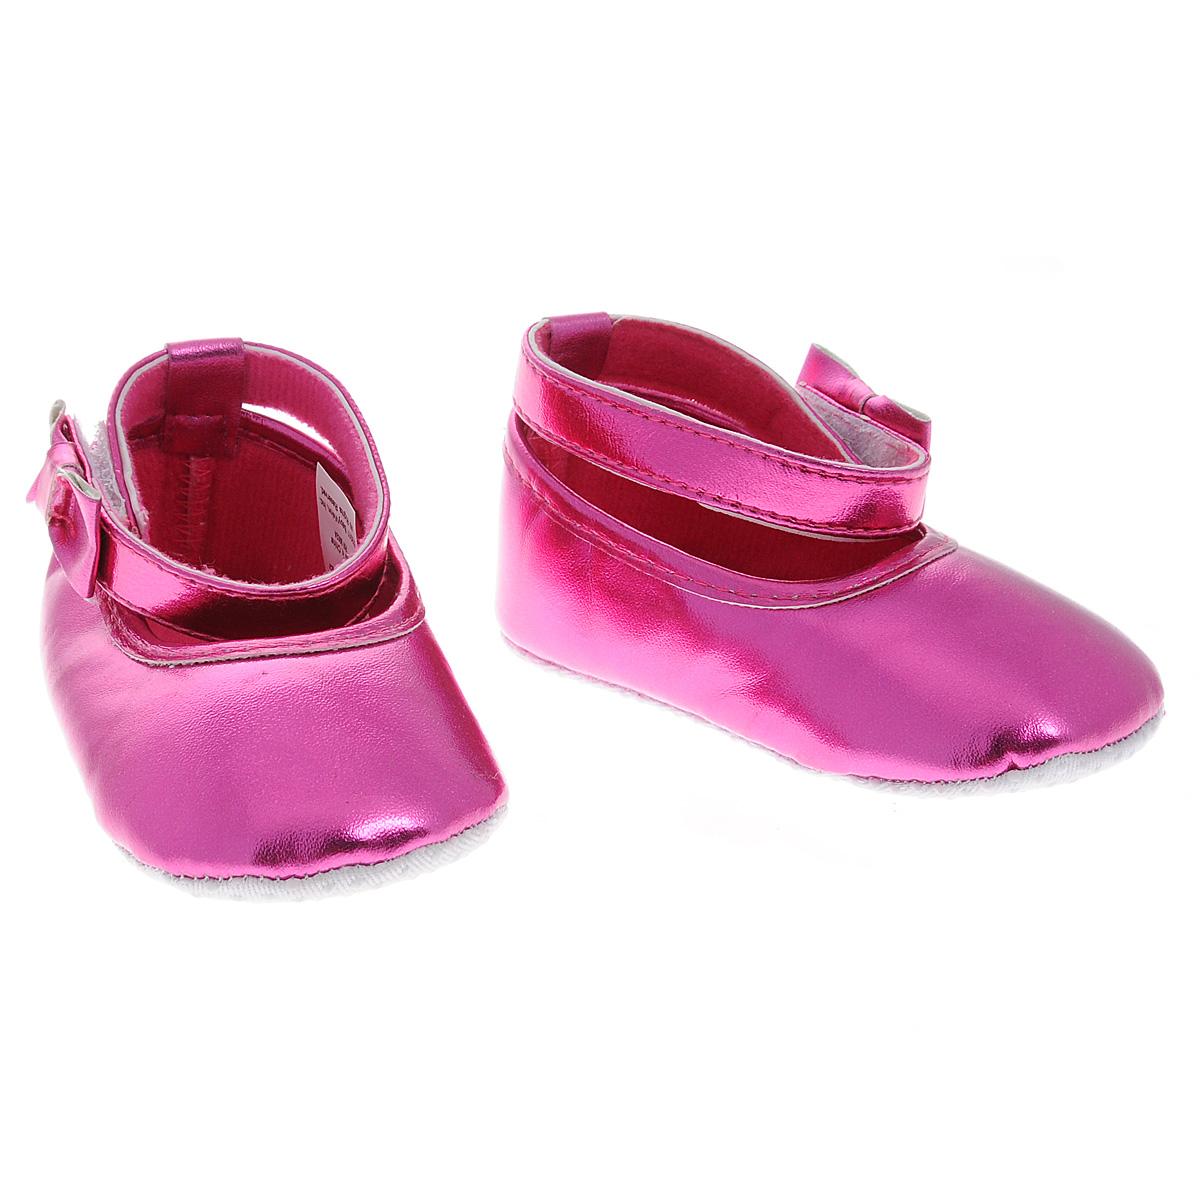 Пинетки для девочки Luvable Friends Балетки с бантиком, цвет: малиновый. 11153. Размер 12/18мес11153Оригинальные детские пинетки для девочки Luvable Friends, стилизованные под Балетки - это легкая и удобная обувь для малышей. Удобная застежка на липучке сбоку, декорированная очаровательным бантиком и надежно фиксирующая пинетки на ножке малышки, мягкие, не сдавливающие ножку материалы делают модель практичной и популярной. Стопа оформлена прорезиненным рельефным рисунком, благодаря которому ребенок не будет скользить.Такие пинетки - отличное решение для малышей и их родителей!